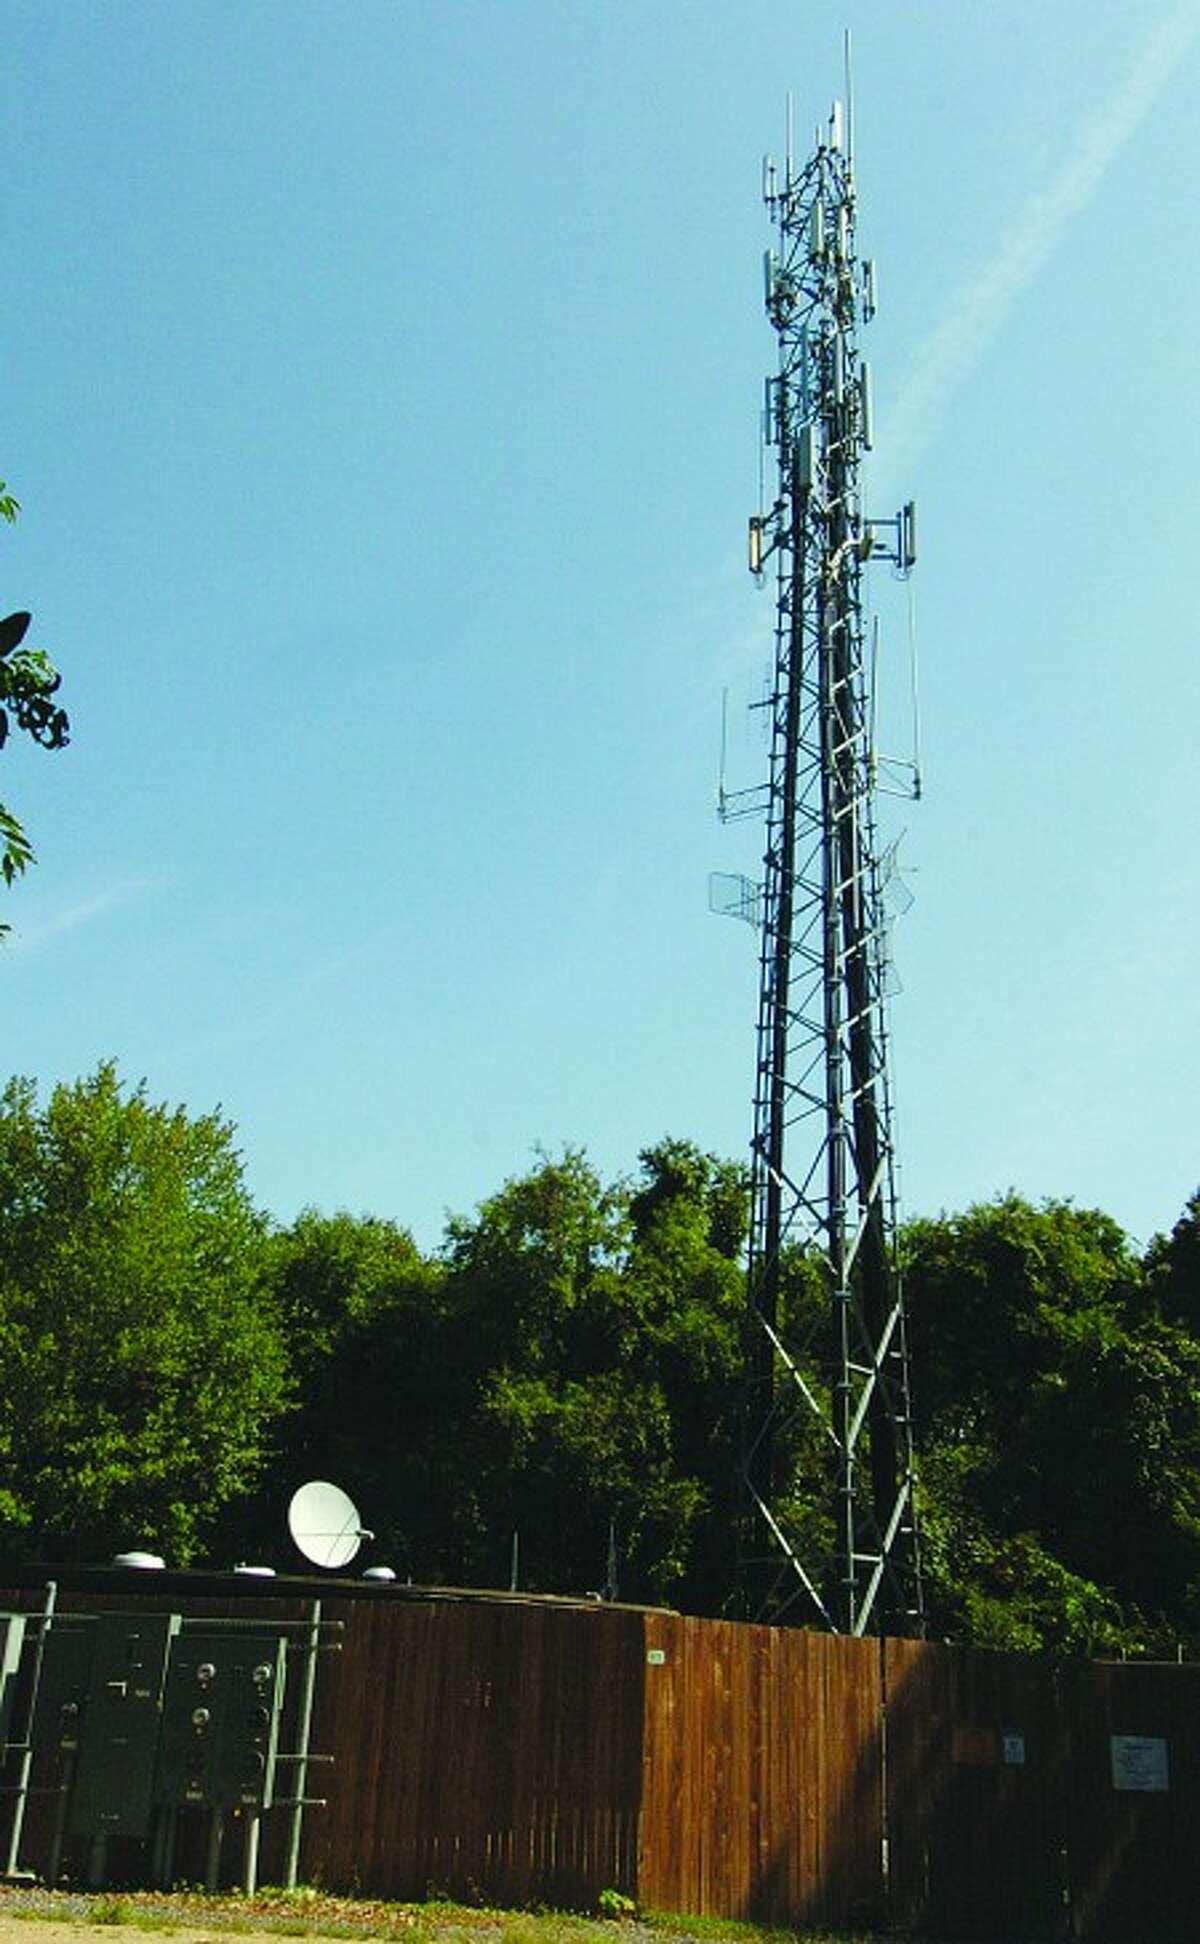 Photo/Alex von Kleydorff. Tower off Gilly lane Wilton